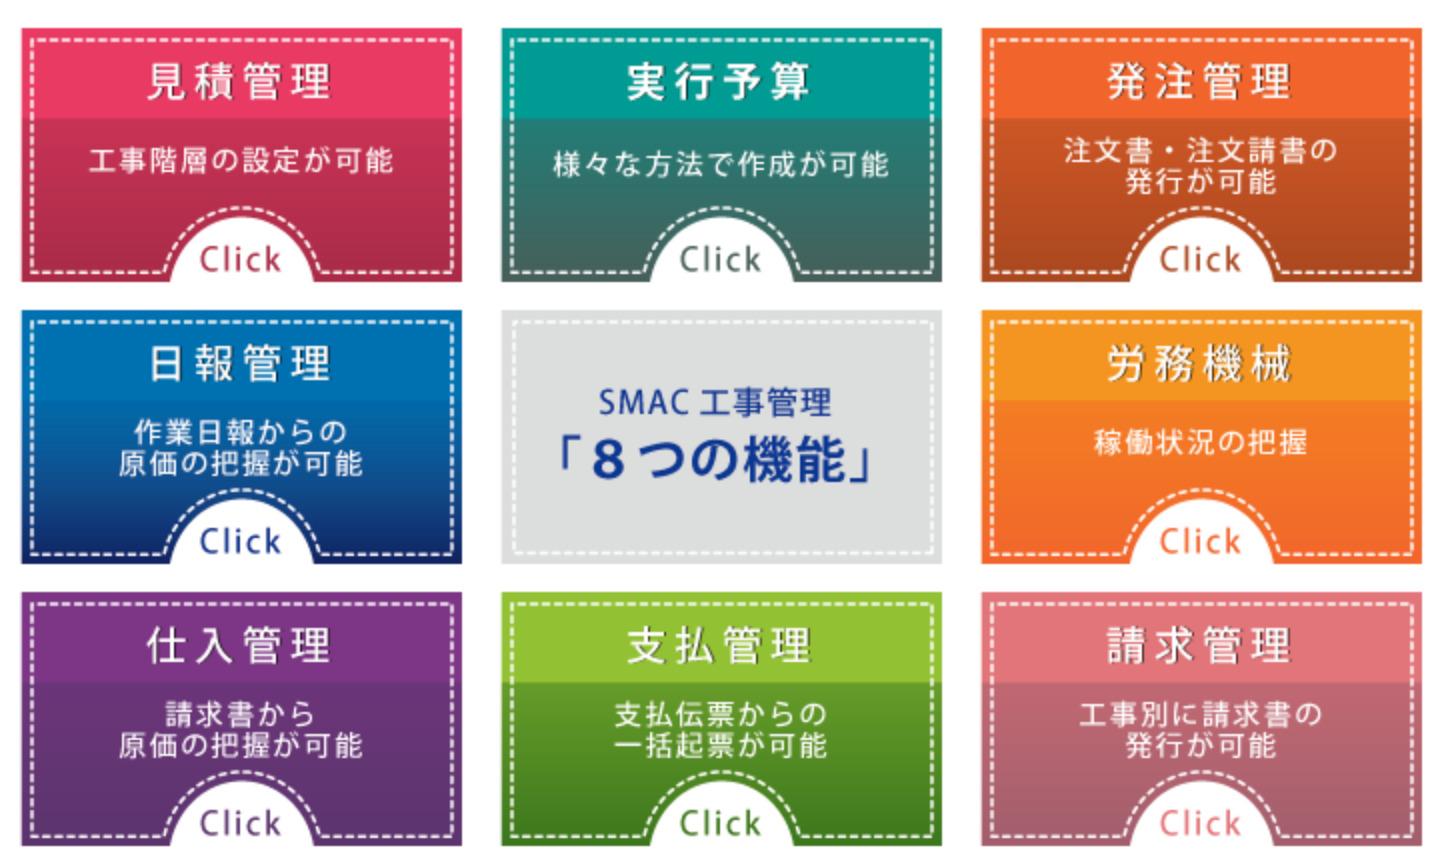 SMAC工事管理8つの機能